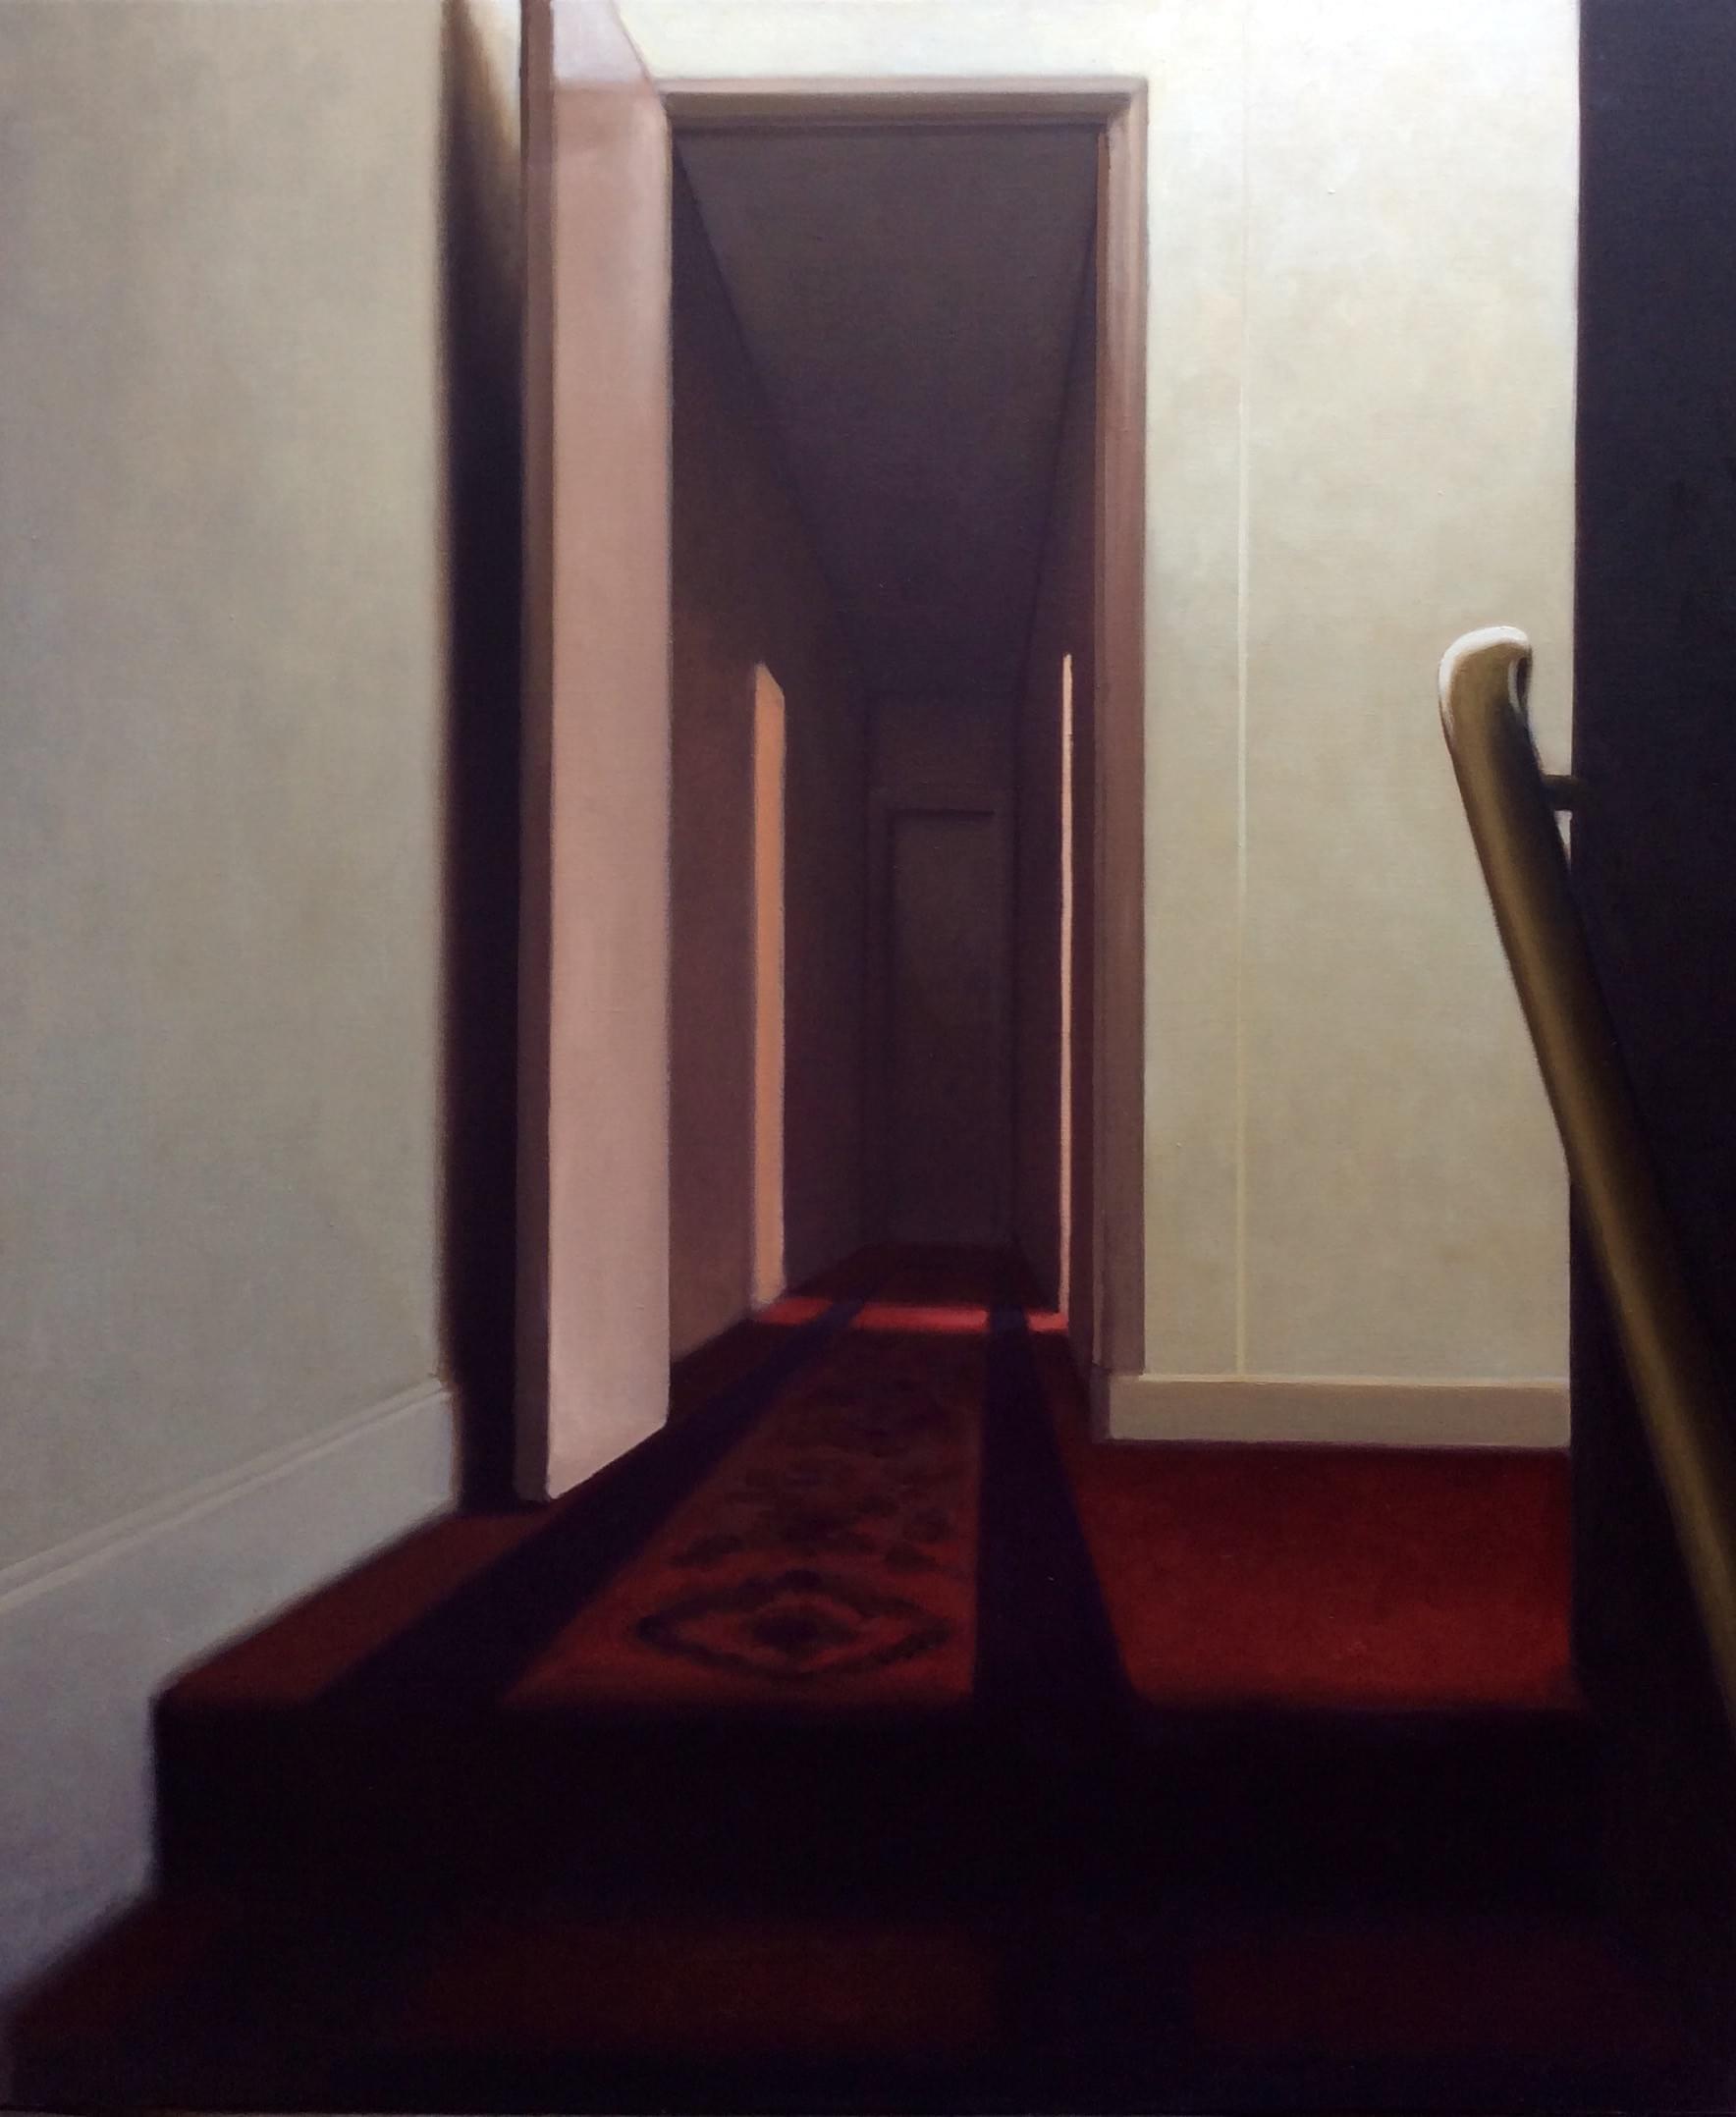 SC459. Habitaciones del Hotel de Suez Óleo sobre lienzo 116 x 97 cm 2016